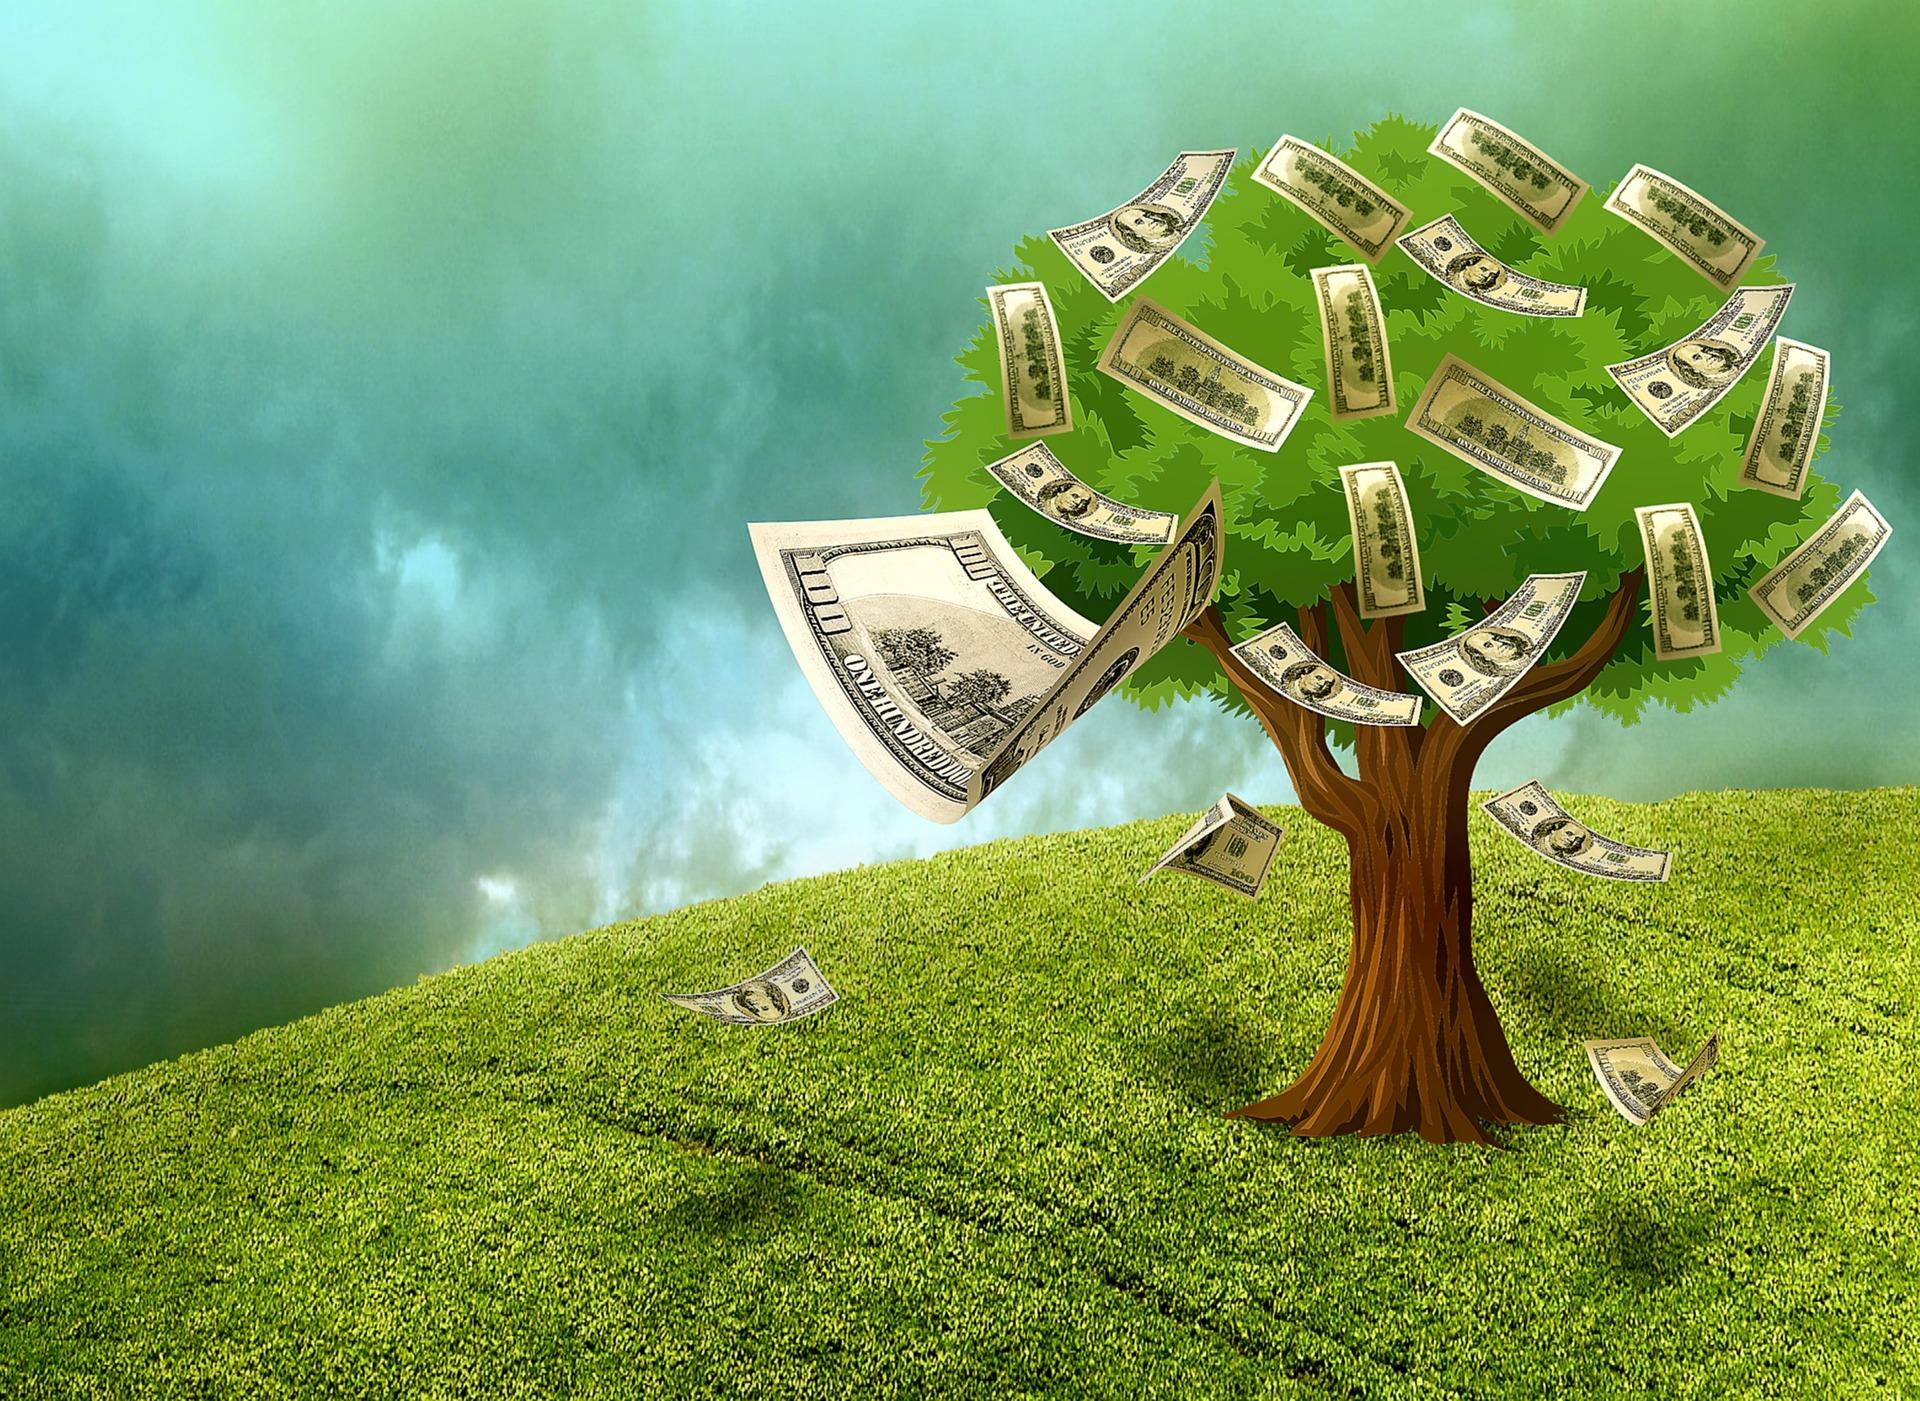 奨学金で破産・自己破産したらどうなる?防ぐための方法や事例を紹介